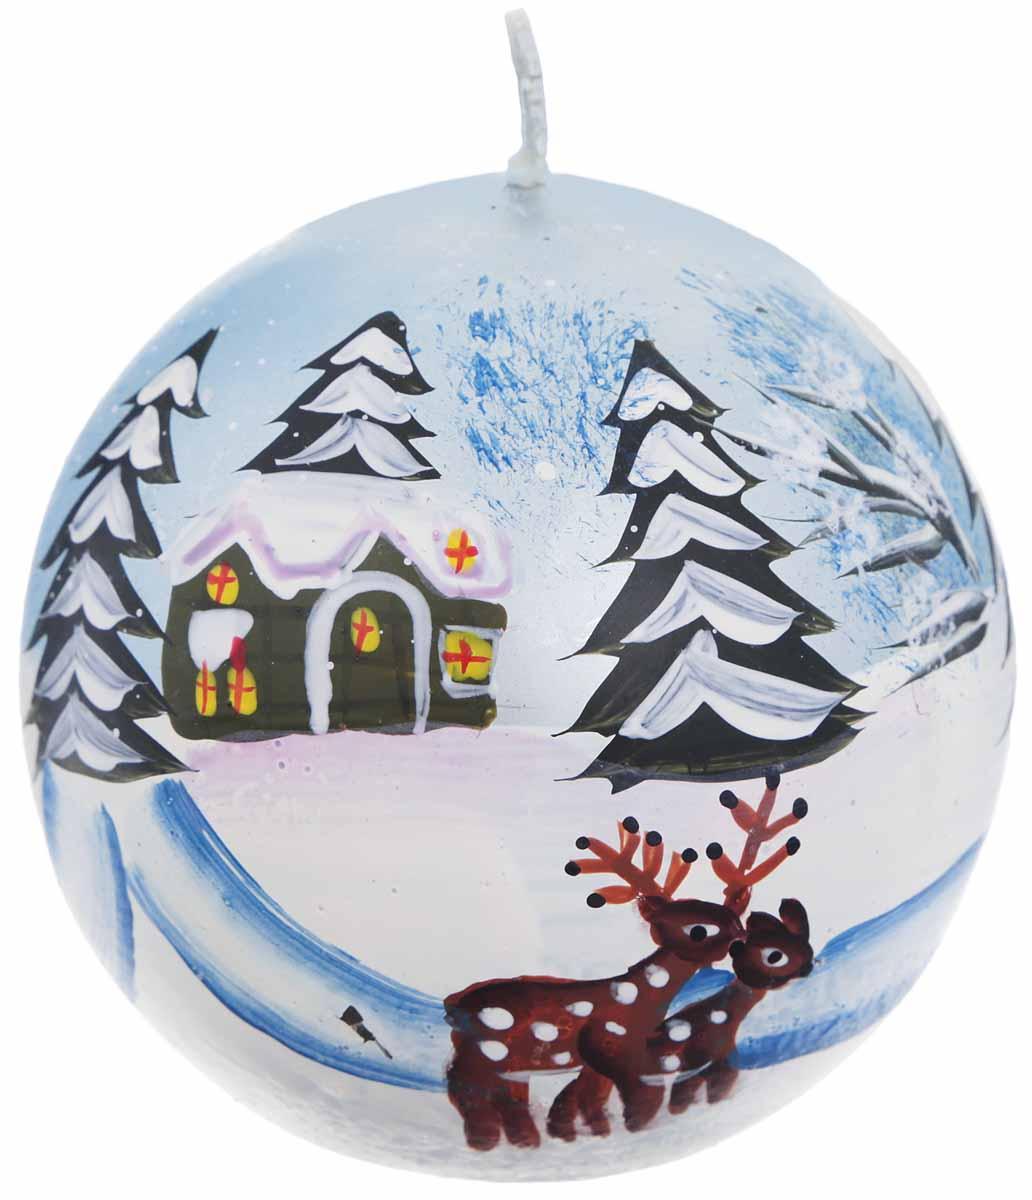 Свеча Winter Wings Зимний пейзаж, диаметр 7 смN161804Свеча Winter Wings Зимний пейзаж, изготовленная из парафина, станет прекрасным украшением интерьера помещения в преддверии Нового года. Такая свеча создаст атмосферу таинственности и загадочности и наполнит ваш дом волшебством и ощущением праздника. Хороший сувенир для друзей и близких.